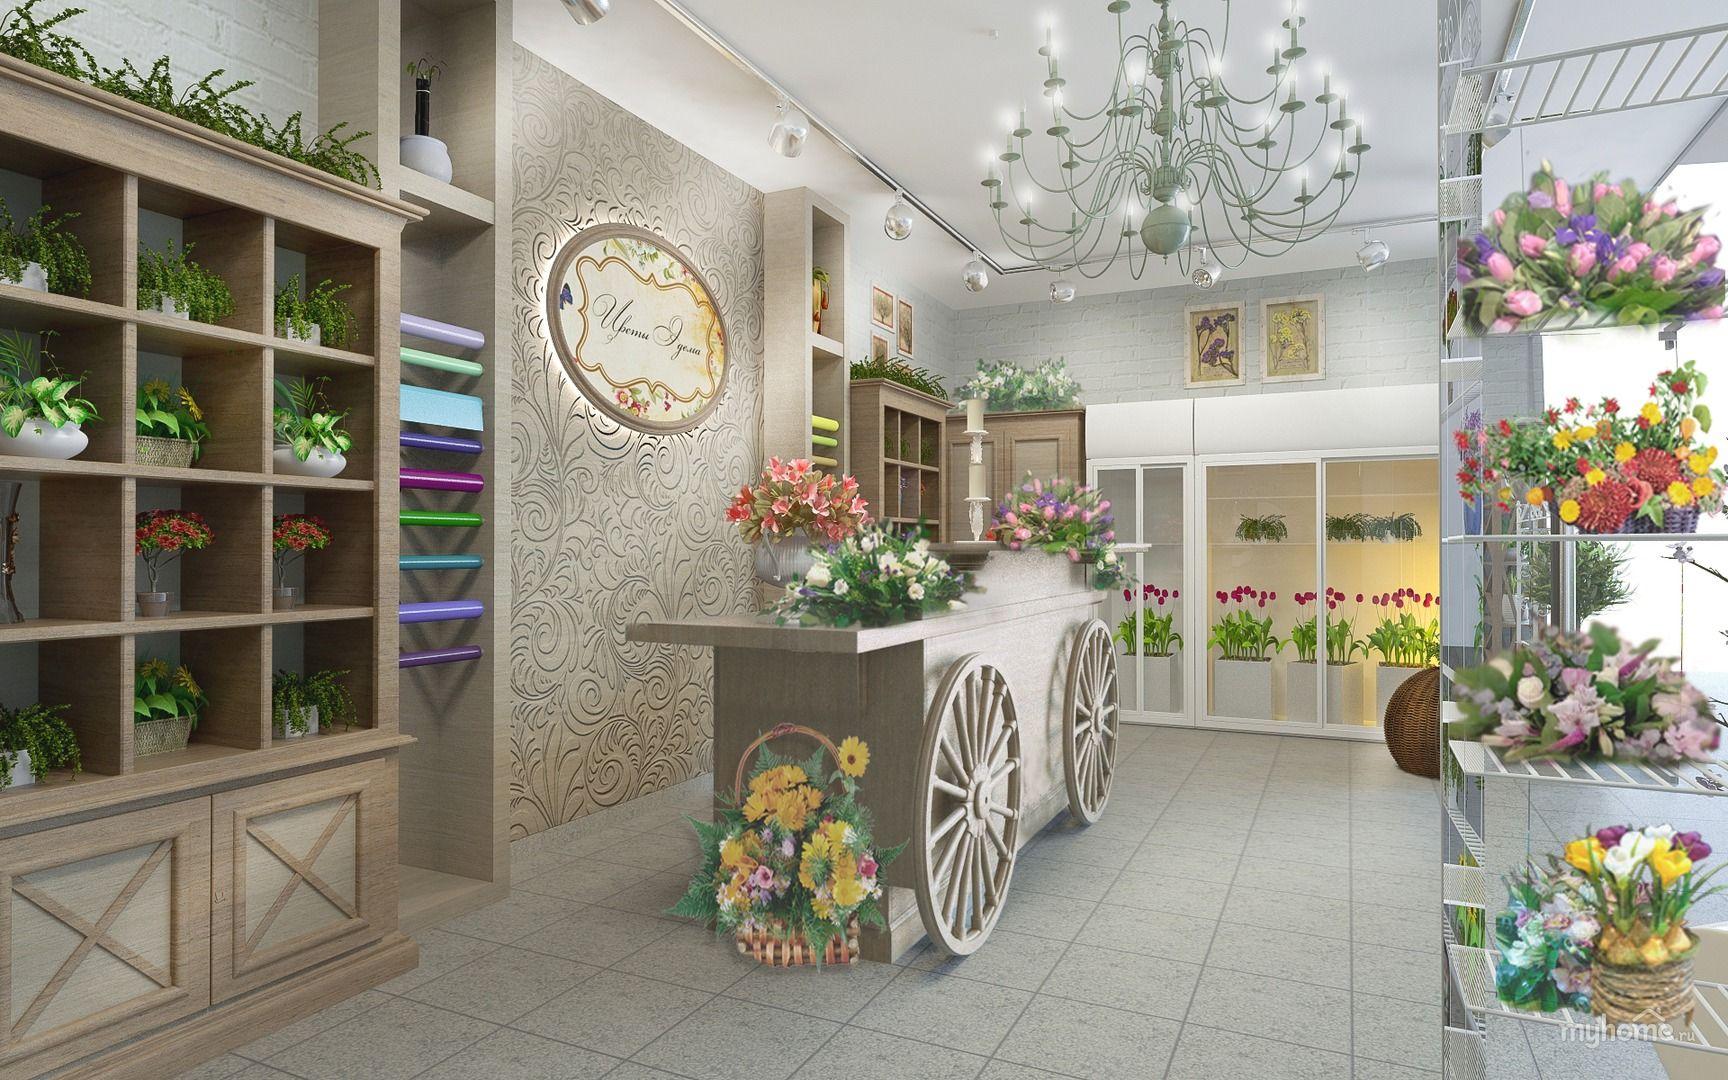 Paris букеты, креативные названия магазинов цветов